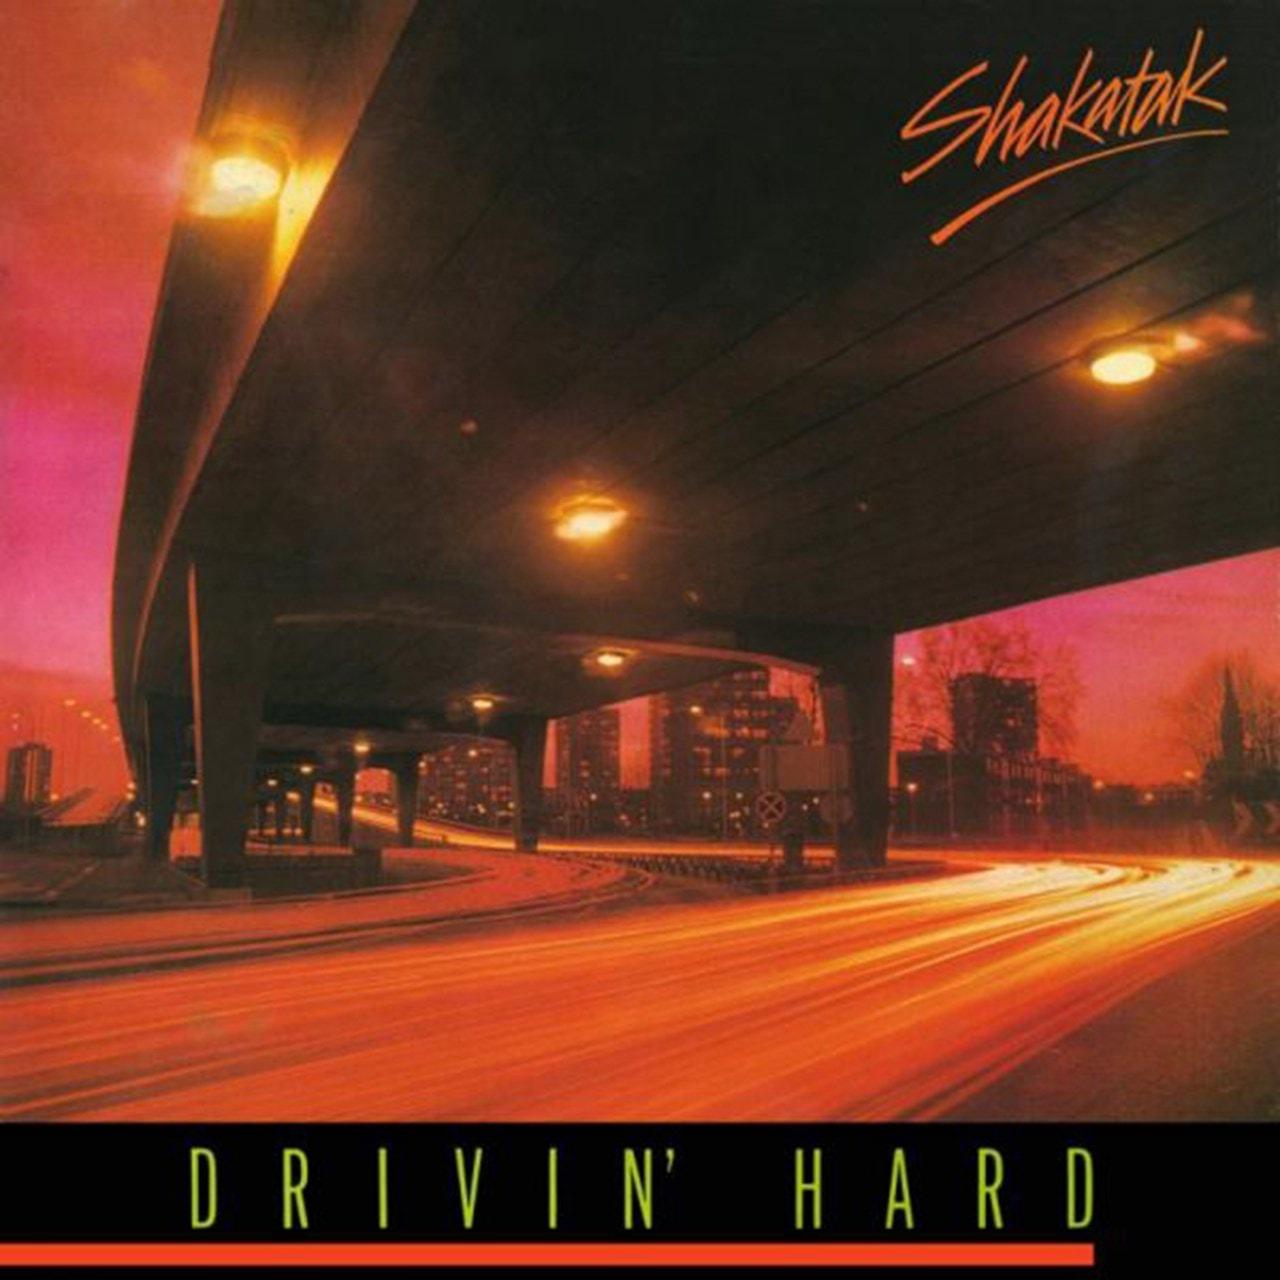 Drivin' Hard - 1